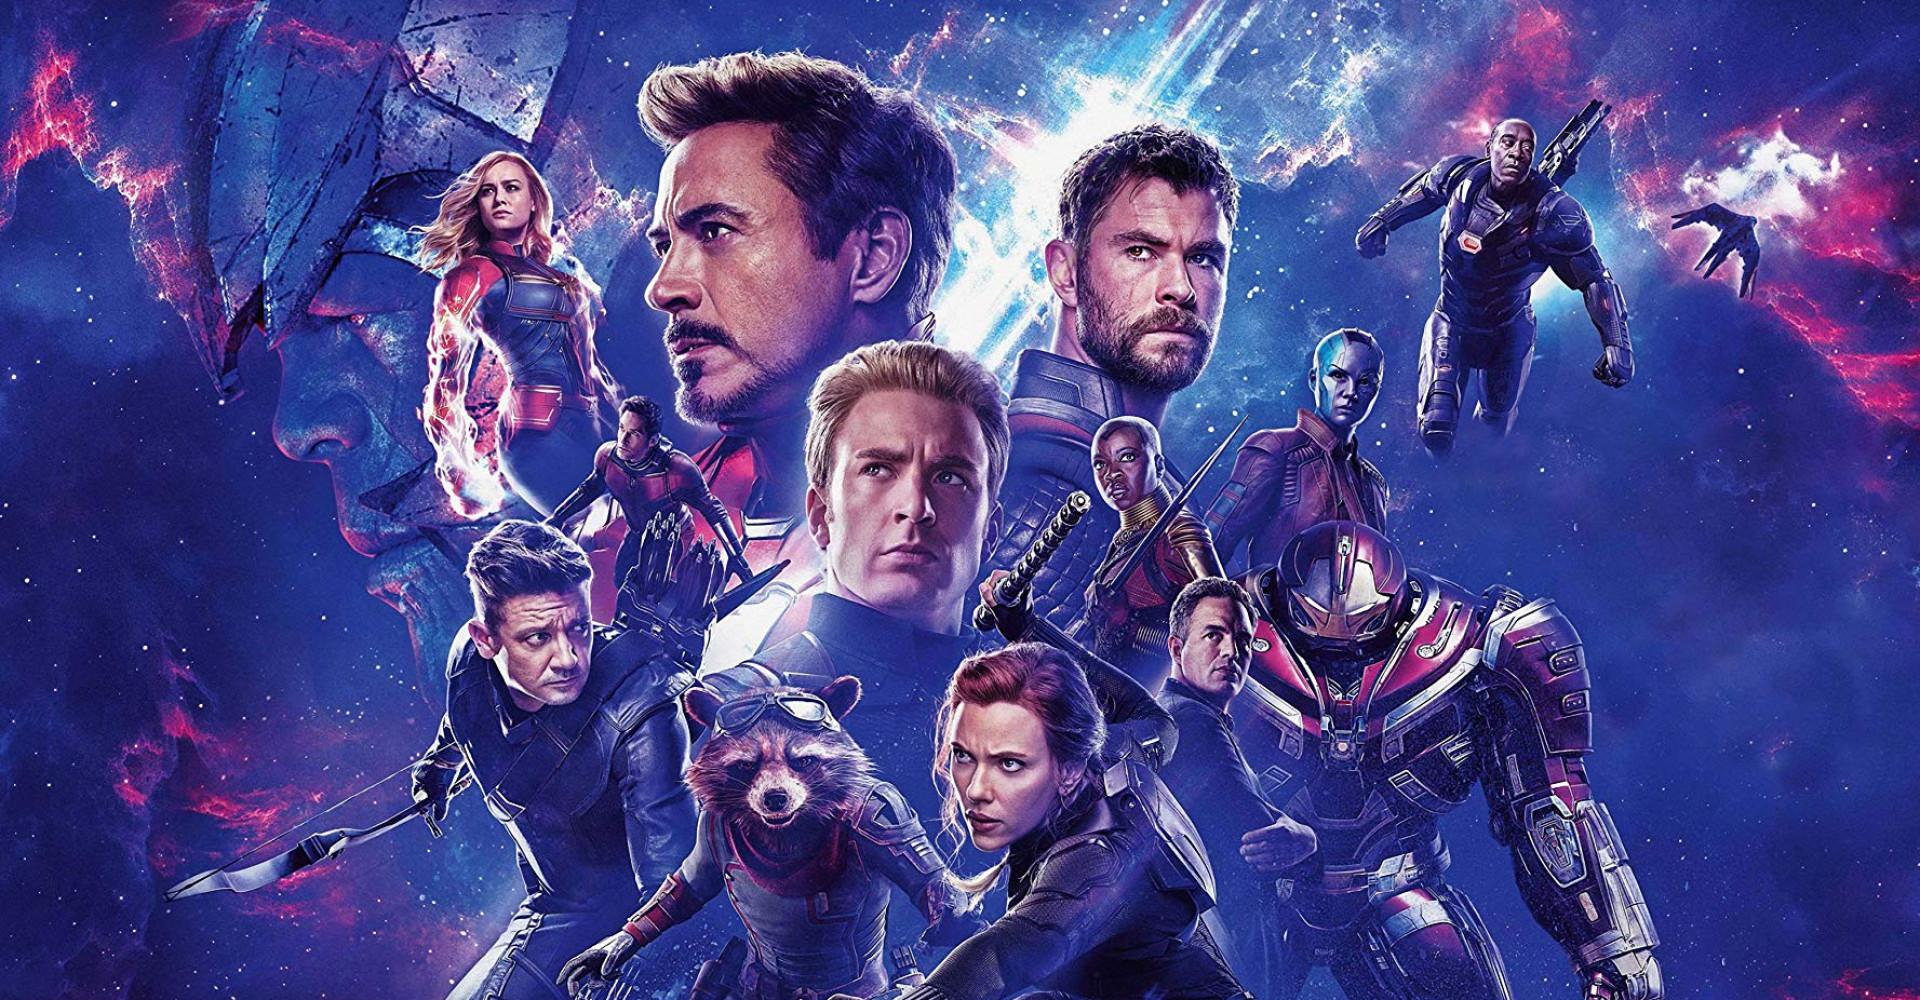 'Vingadores: Ultimato' chega a marca surpreendente de 1,2 bilhão em bilheteria